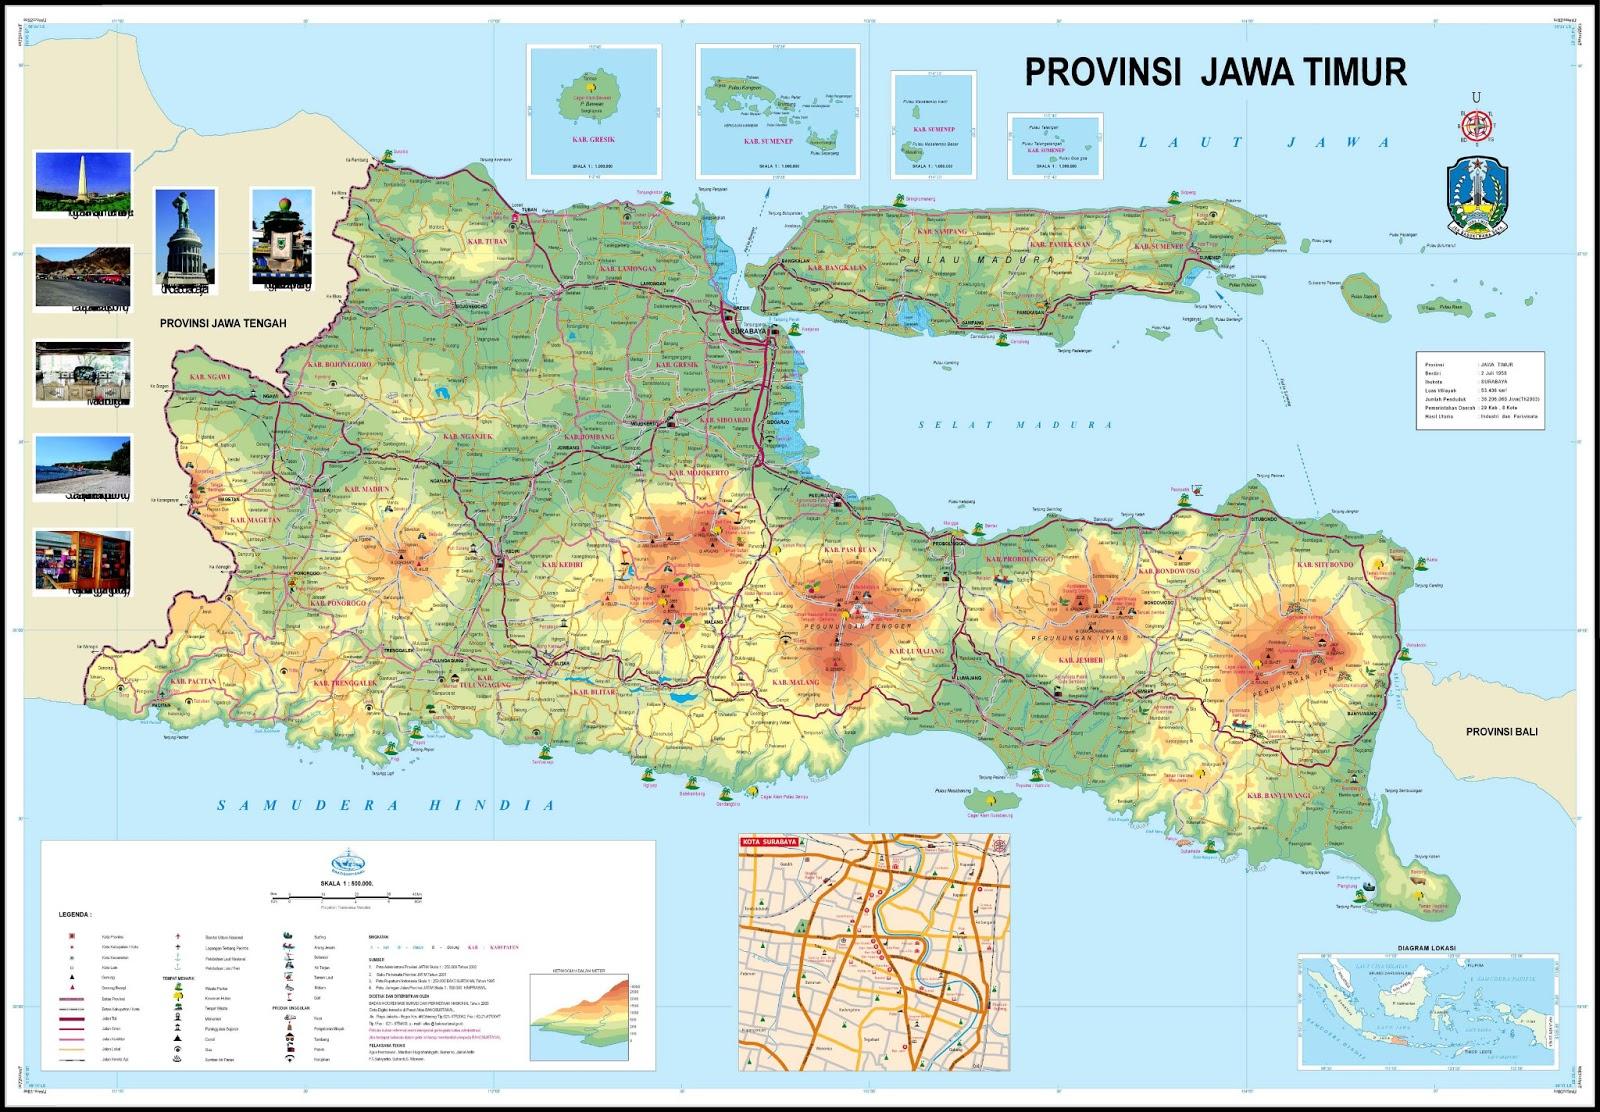 Asyek Kabupaten Tuban Hometown Salah Satu Propinsi Jawa Timur Pulau